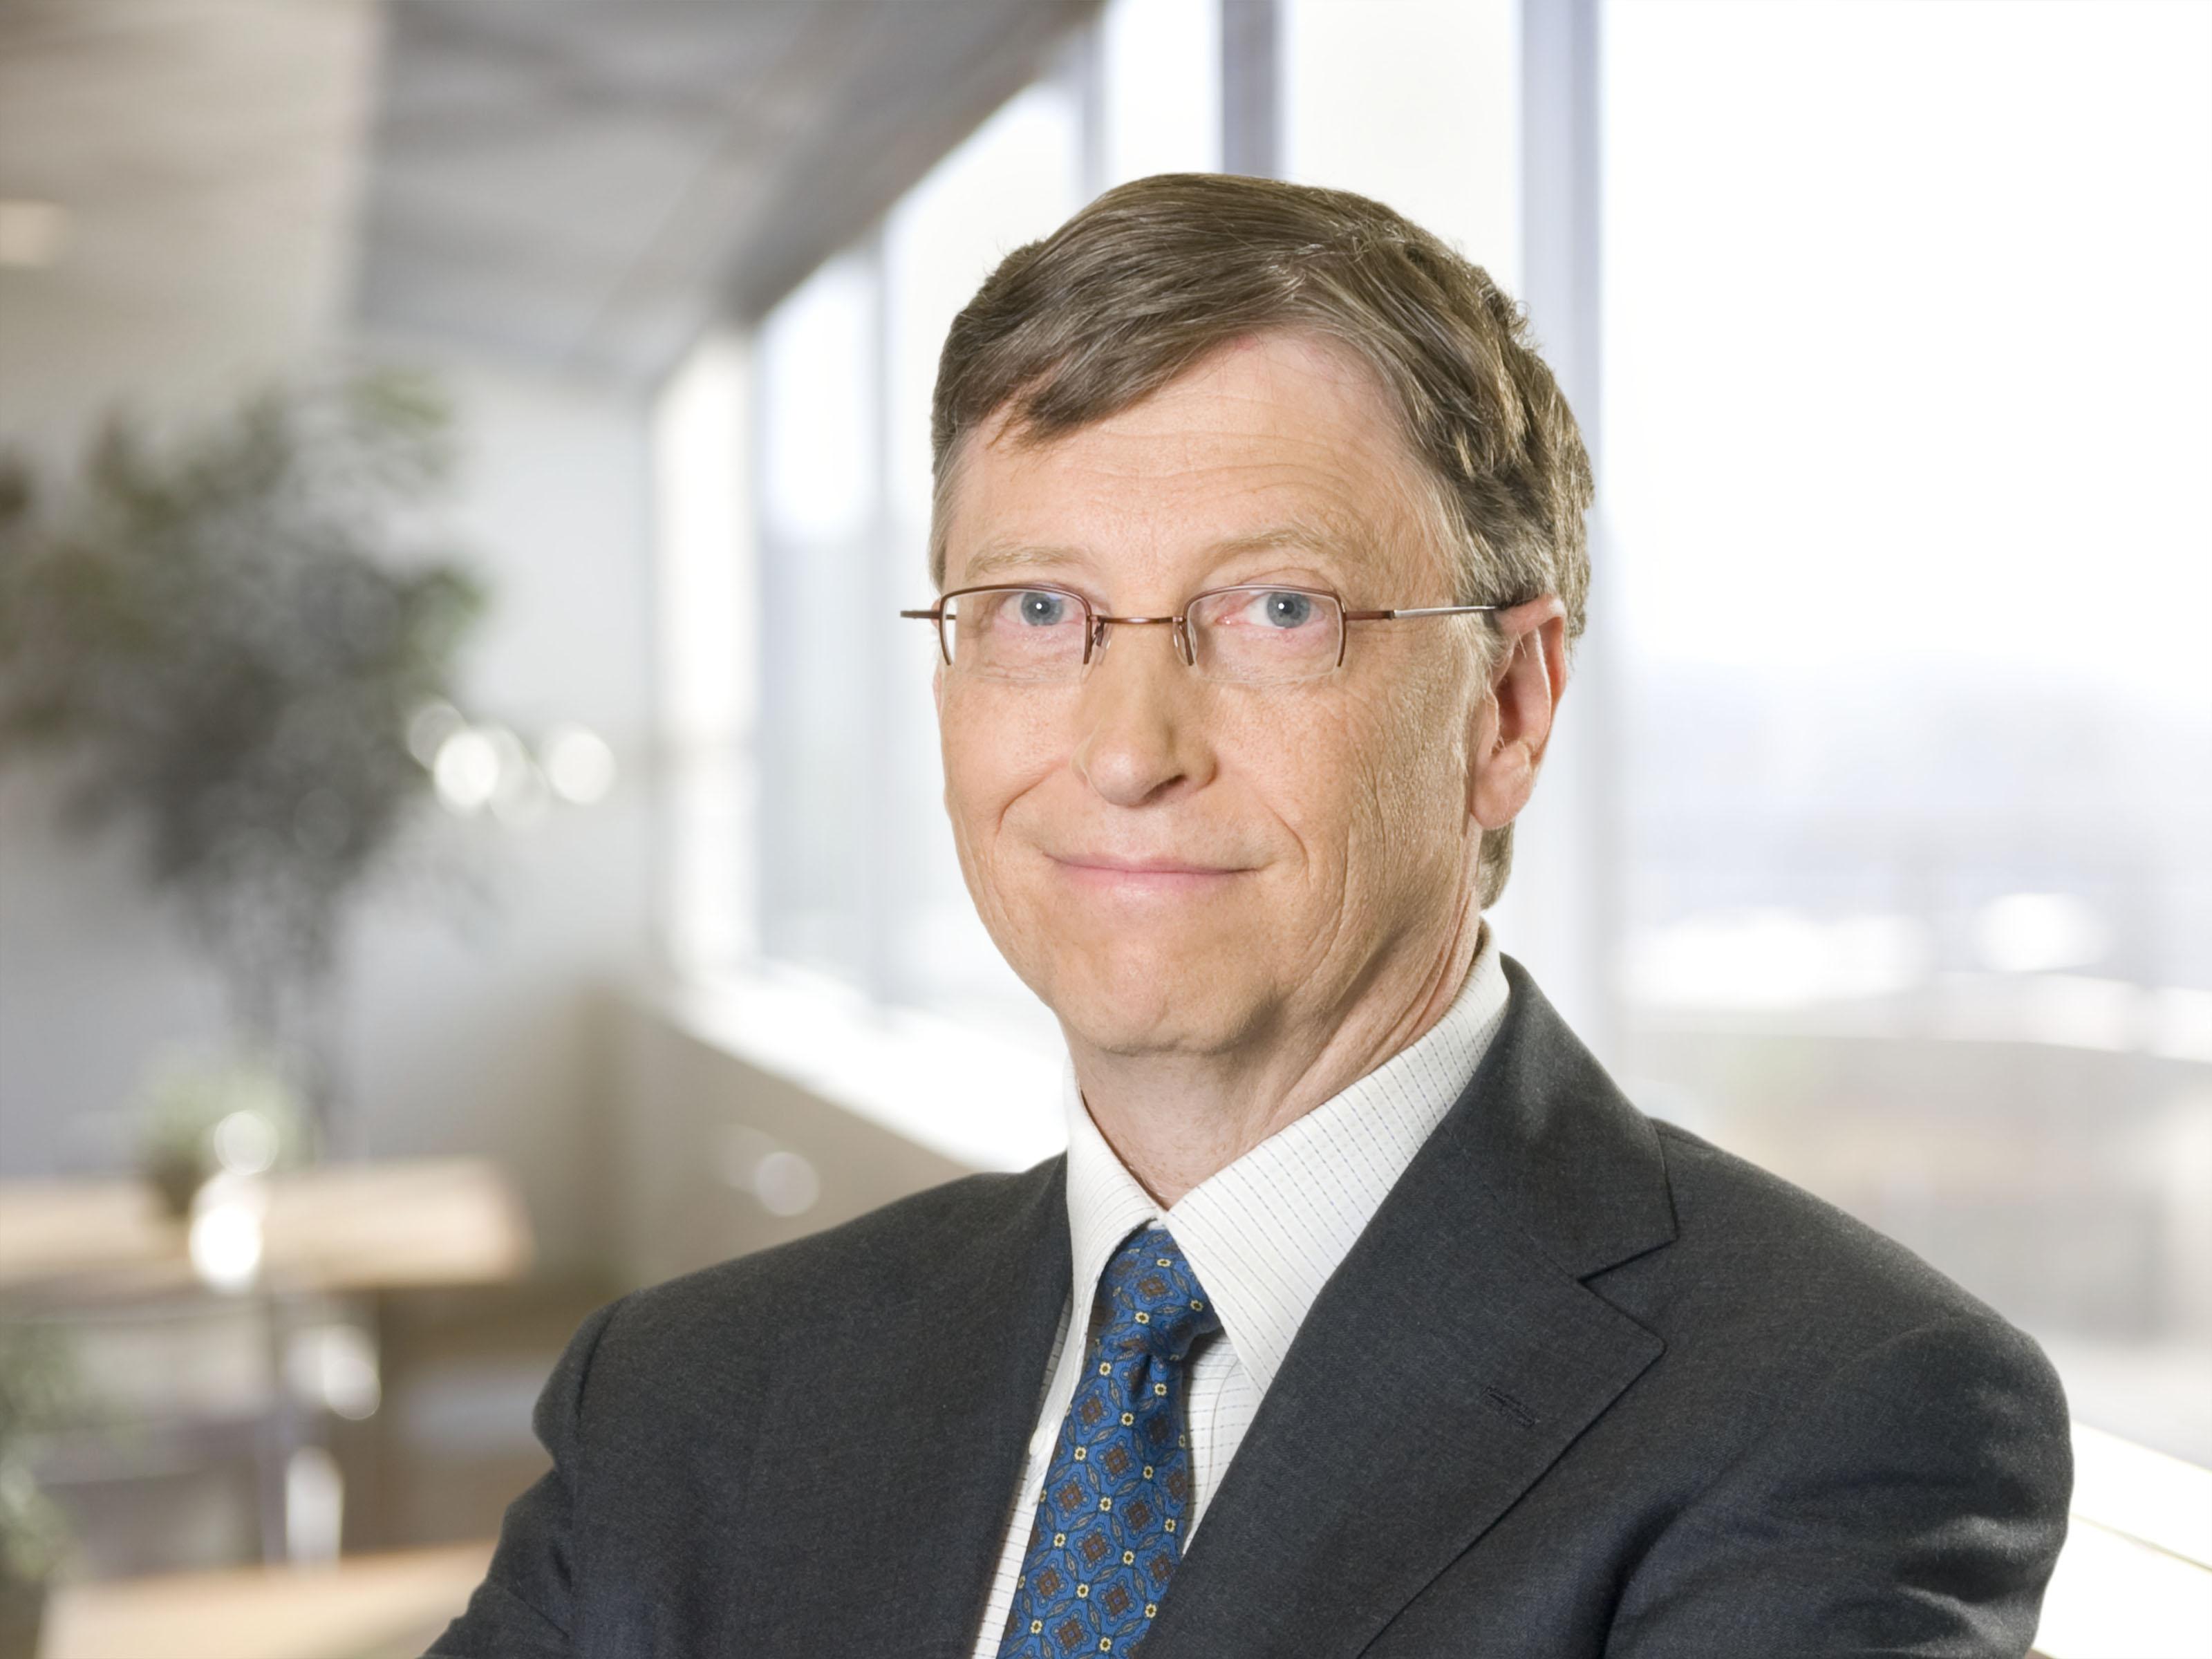 L'uomo d'oro per Forbes è Bill Gates!